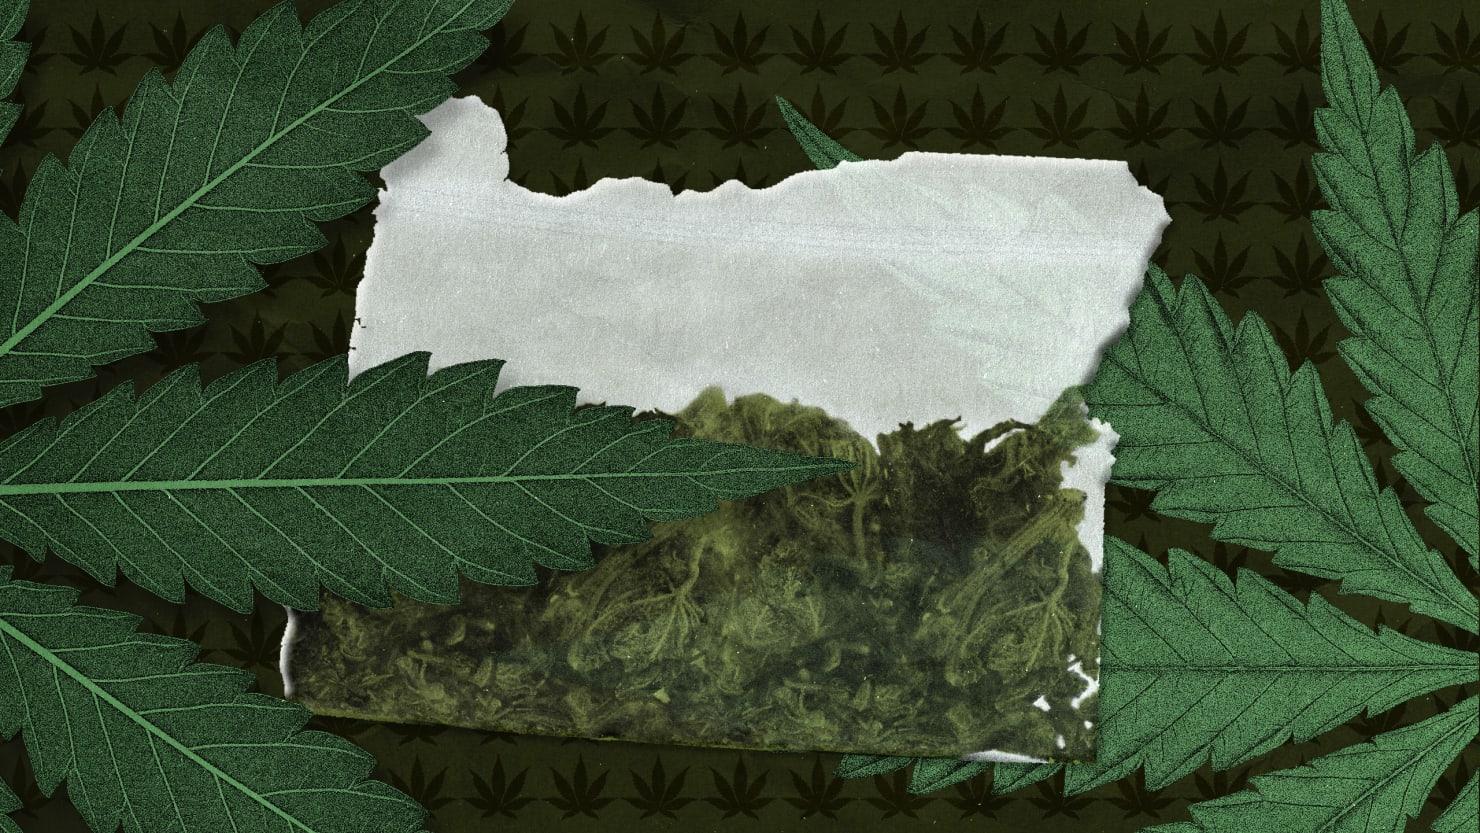 Oregon S Ganja Glut Sends Pot Growers To Black Market